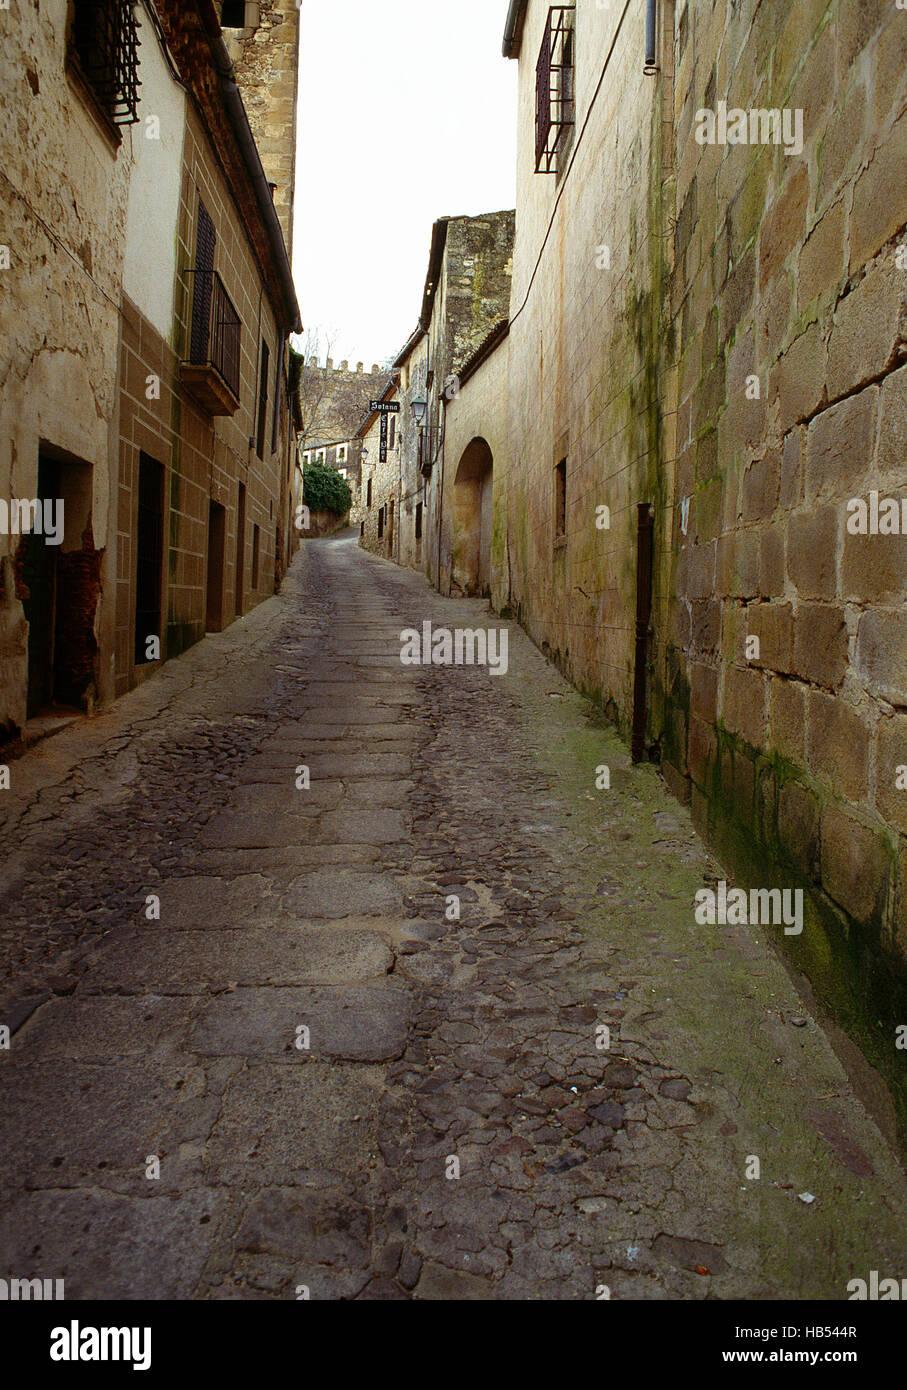 Calle de adoquines en el casco antiguo de la ciudad. Trujillo, provincia de Cáceres, Extremadura, España. Imagen De Stock